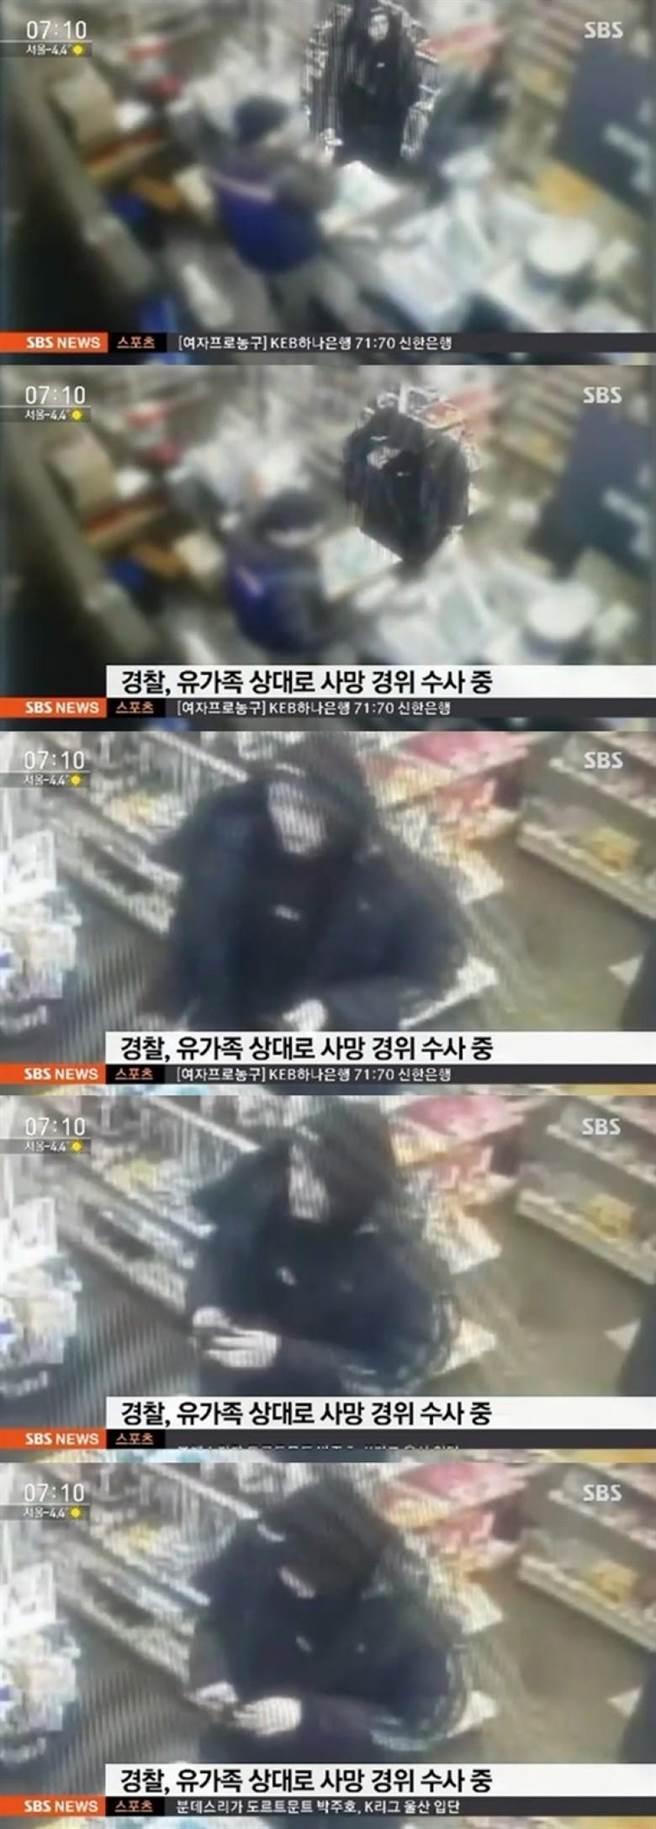 Video: SBS công bố đoạn băng Jonghyun (SHINee) đi mua thuốc lá trước khi tự tử-1